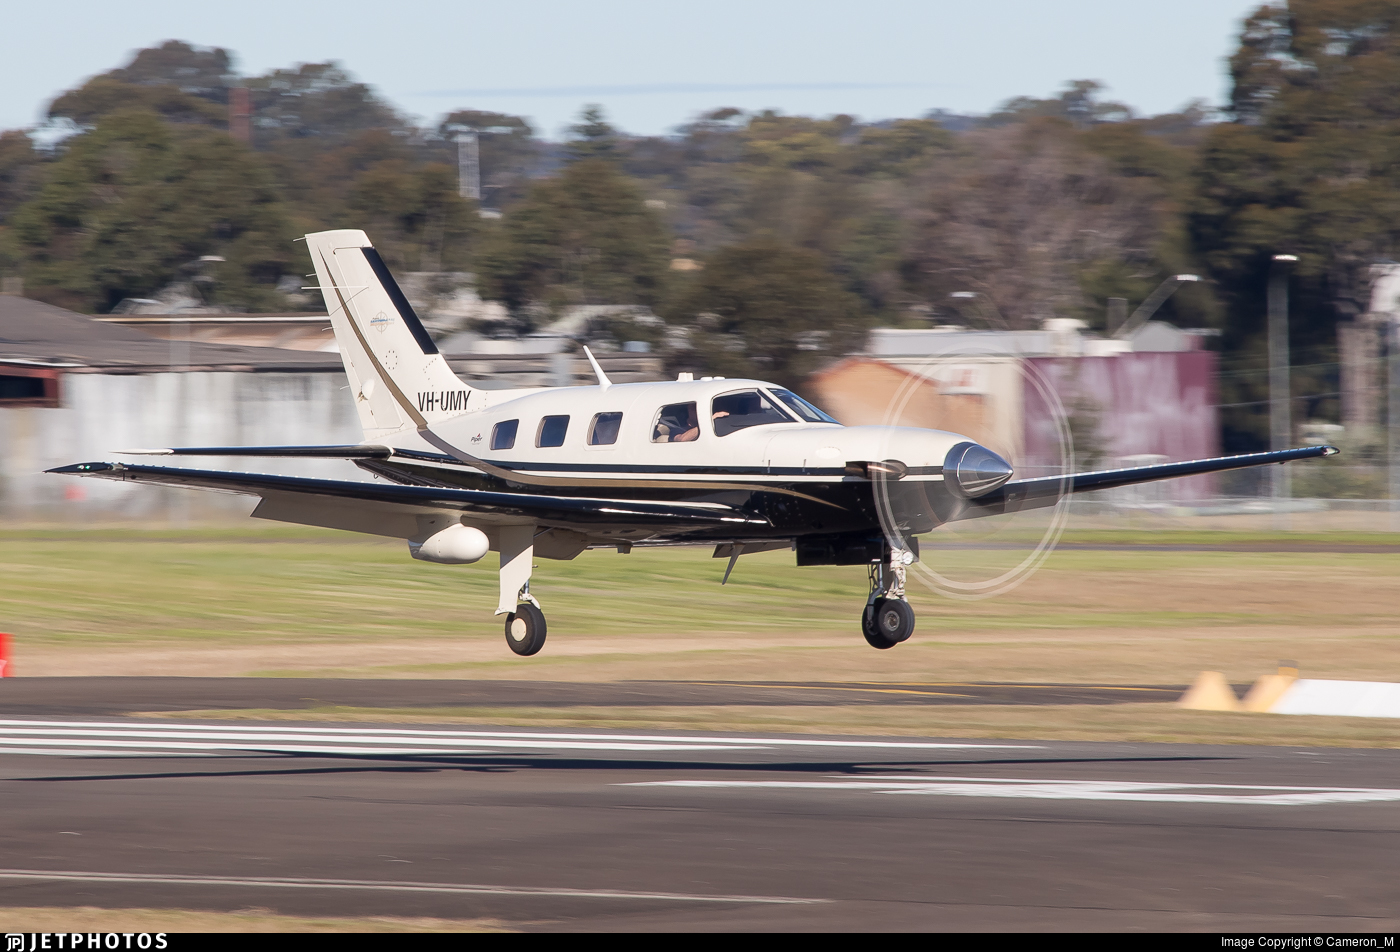 VH-UMY - Piper PA-46-500TP Malibu Meridian - Private